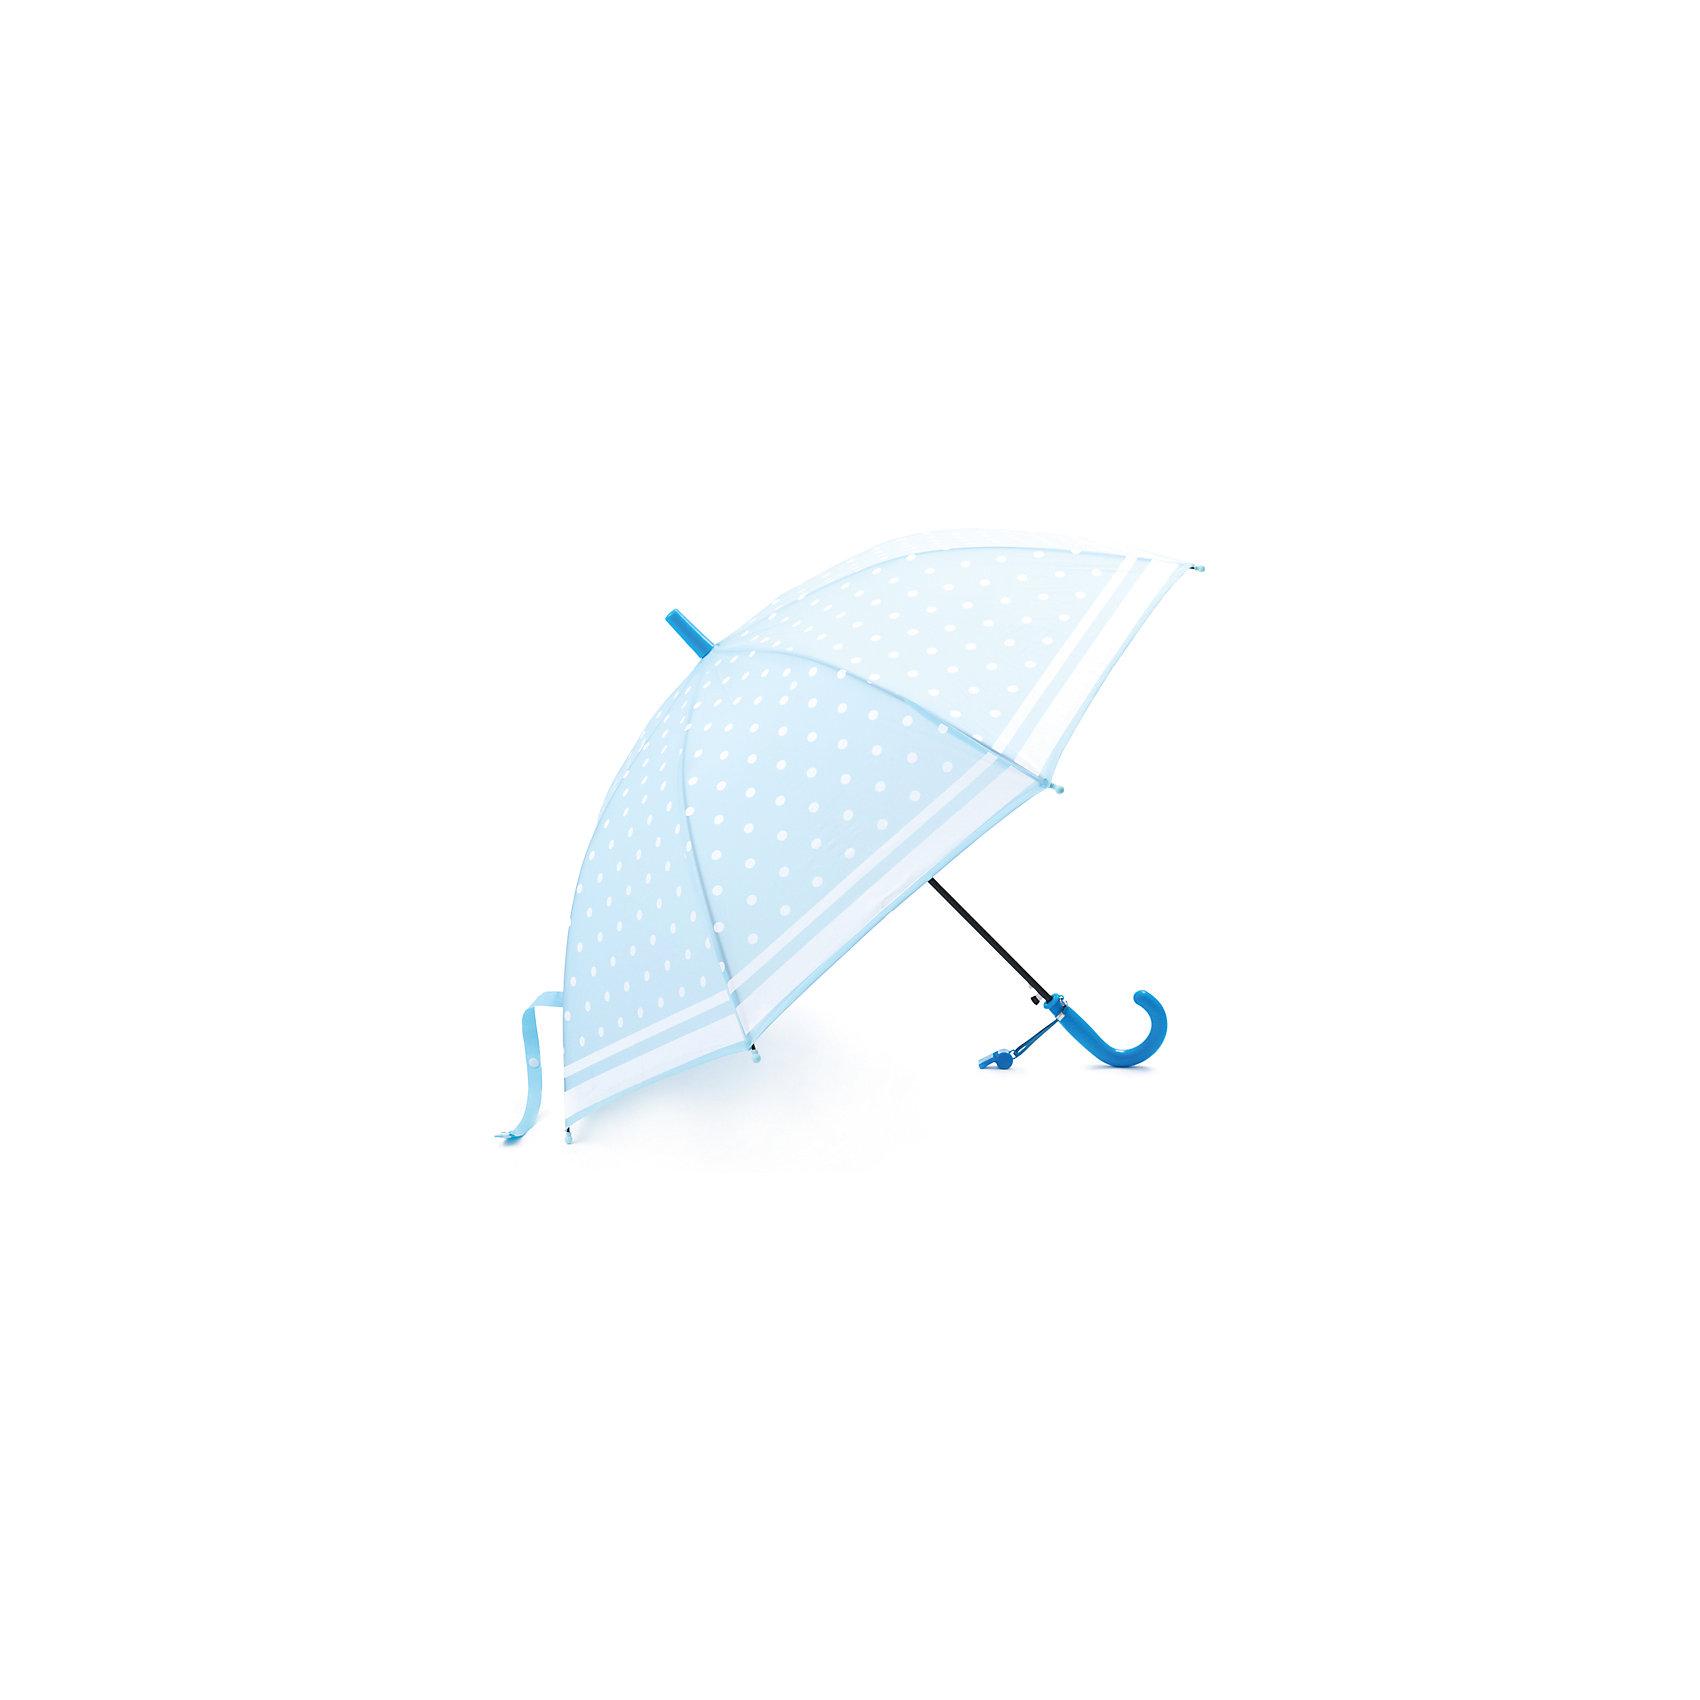 Зонт для девочки PlayTodayАксессуары<br>Зонт для девочки PlayToday<br>Этот яркий зонтик обязательно понравится Вашему ребенку! Оснащен специальной безопасной системой открывания и закрывания. Материал каркаса ветроустойчивый. Концы спиц снабжены пластмассовыми наконечниками для защиты от травм. Такой зонт идеально подойдет для прогулок в дождливую погоду. <br><br>Преимущества: <br><br>Оснащен специальной безопасной системой открывания и закрывания<br>Концы спиц снабжены пластмассовыми наконечниками для защиты от травм<br><br>Состав:<br>Каркас: 100:сталь; Купол: 100%полиэстер; Ручка:100% АБС пластик<br><br>Ширина мм: 170<br>Глубина мм: 157<br>Высота мм: 67<br>Вес г: 117<br>Цвет: голубой<br>Возраст от месяцев: 60<br>Возраст до месяцев: 144<br>Пол: Женский<br>Возраст: Детский<br>Размер: one size<br>SKU: 5404742